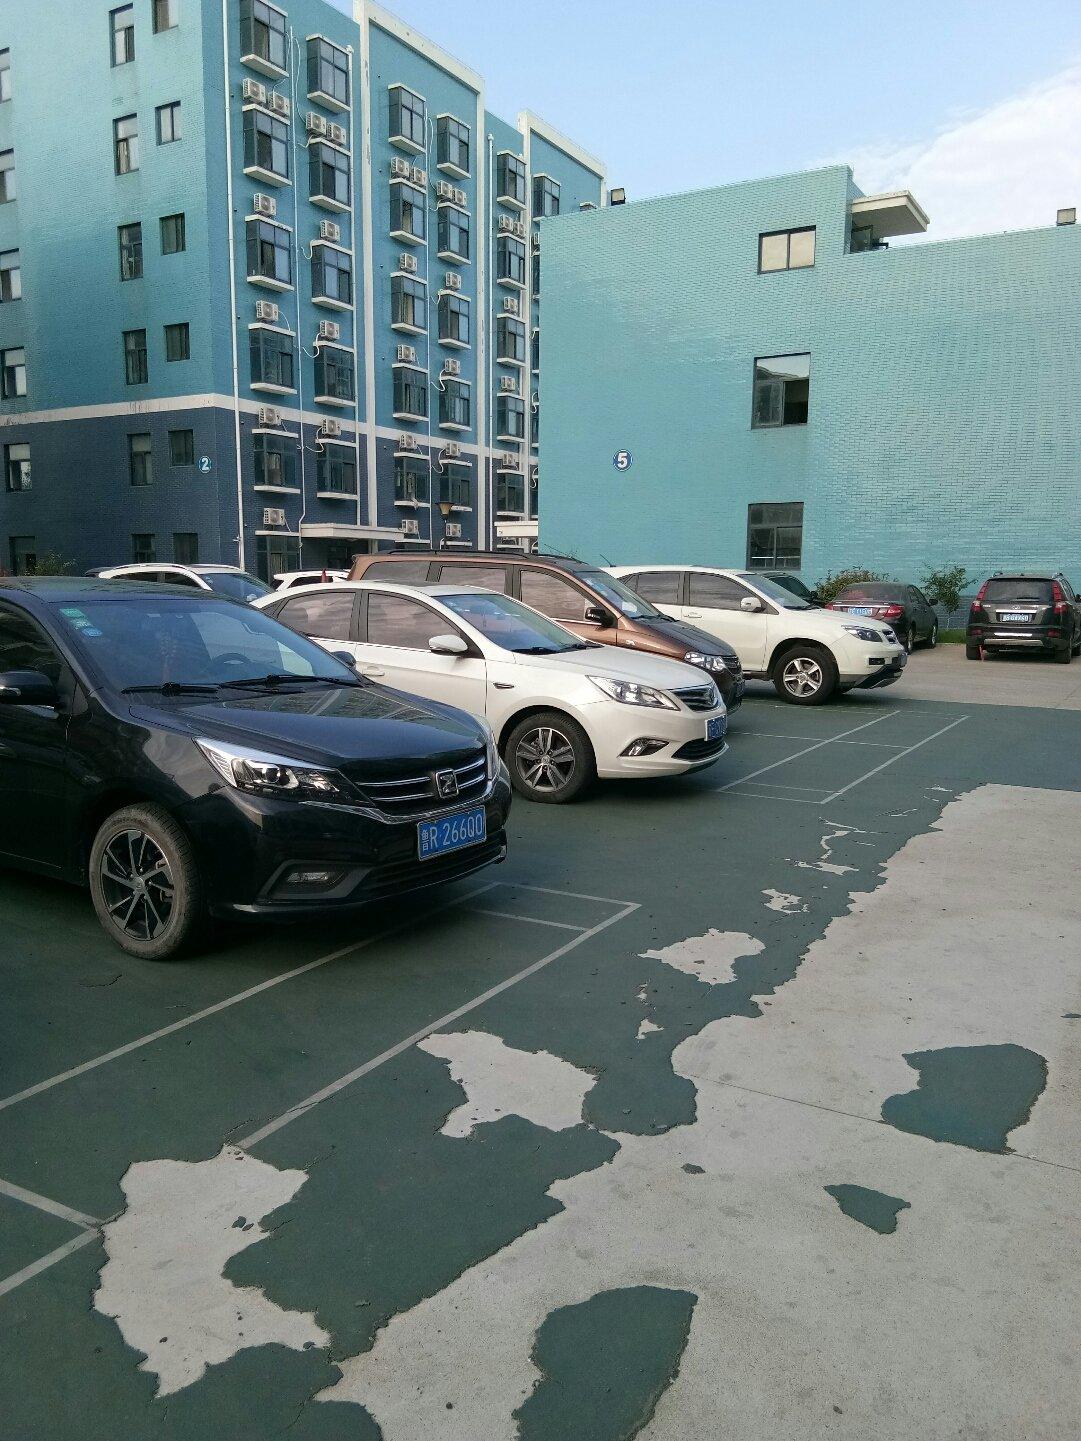 江苏省南通市启东市新兴线靠近胜狮员工公寓天气预报